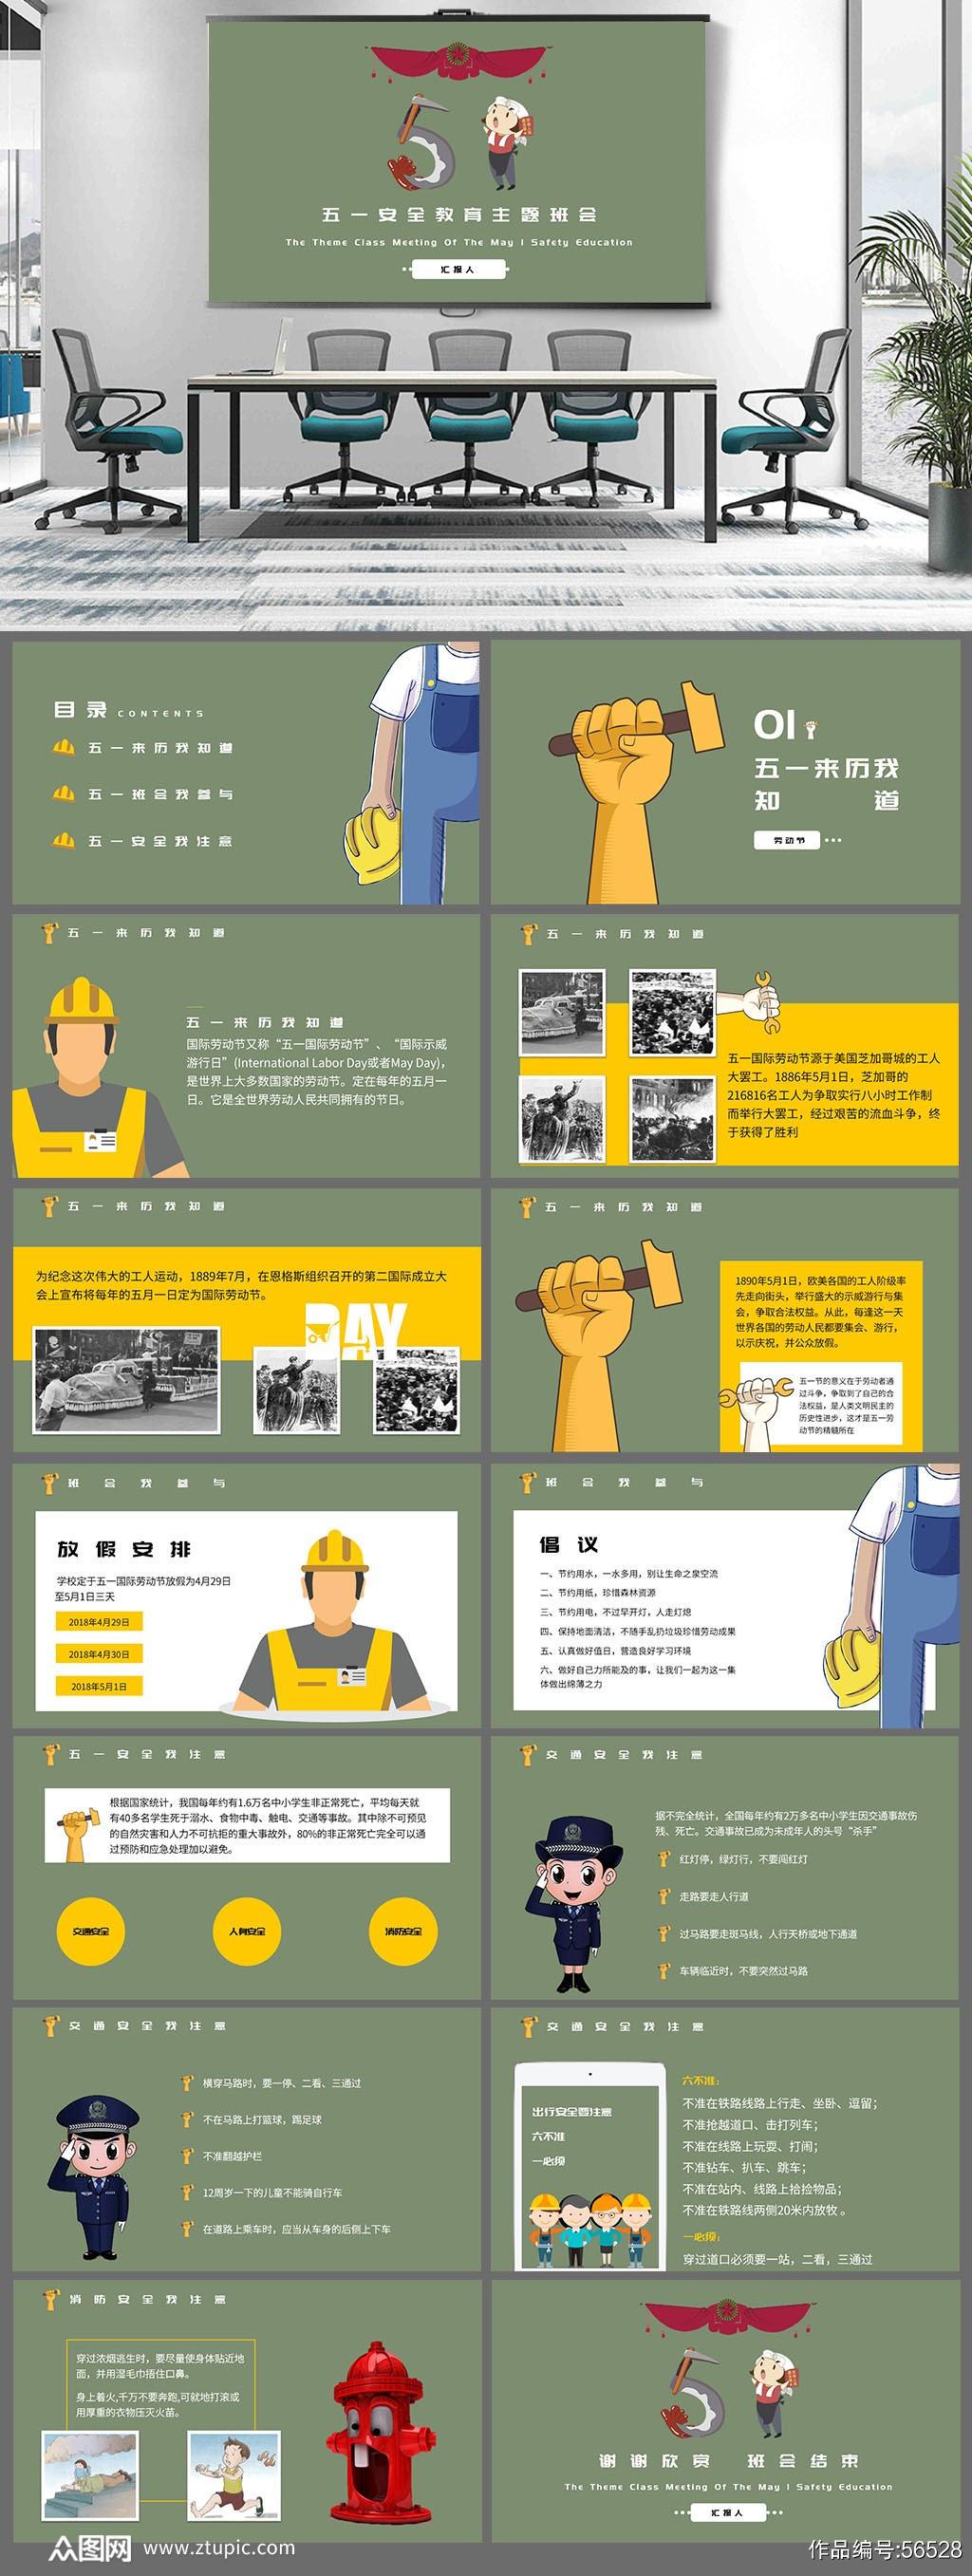 五一劳动节详细安全教育素材